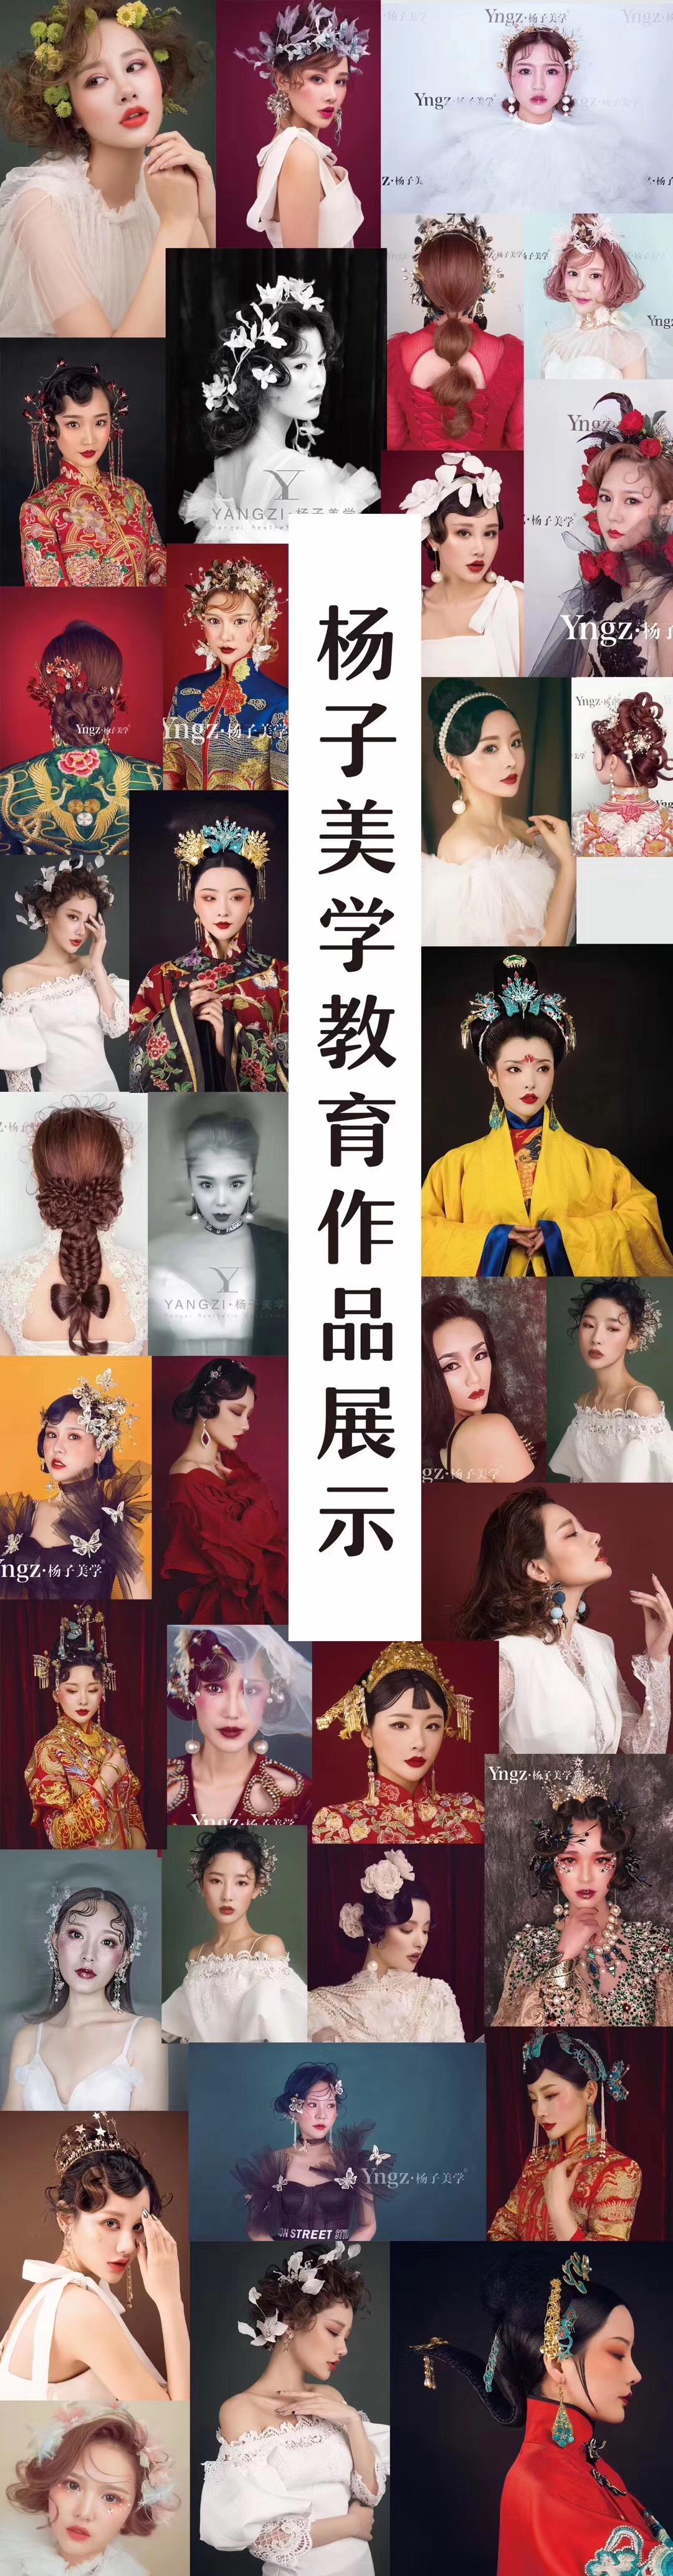 杨子美妆展示